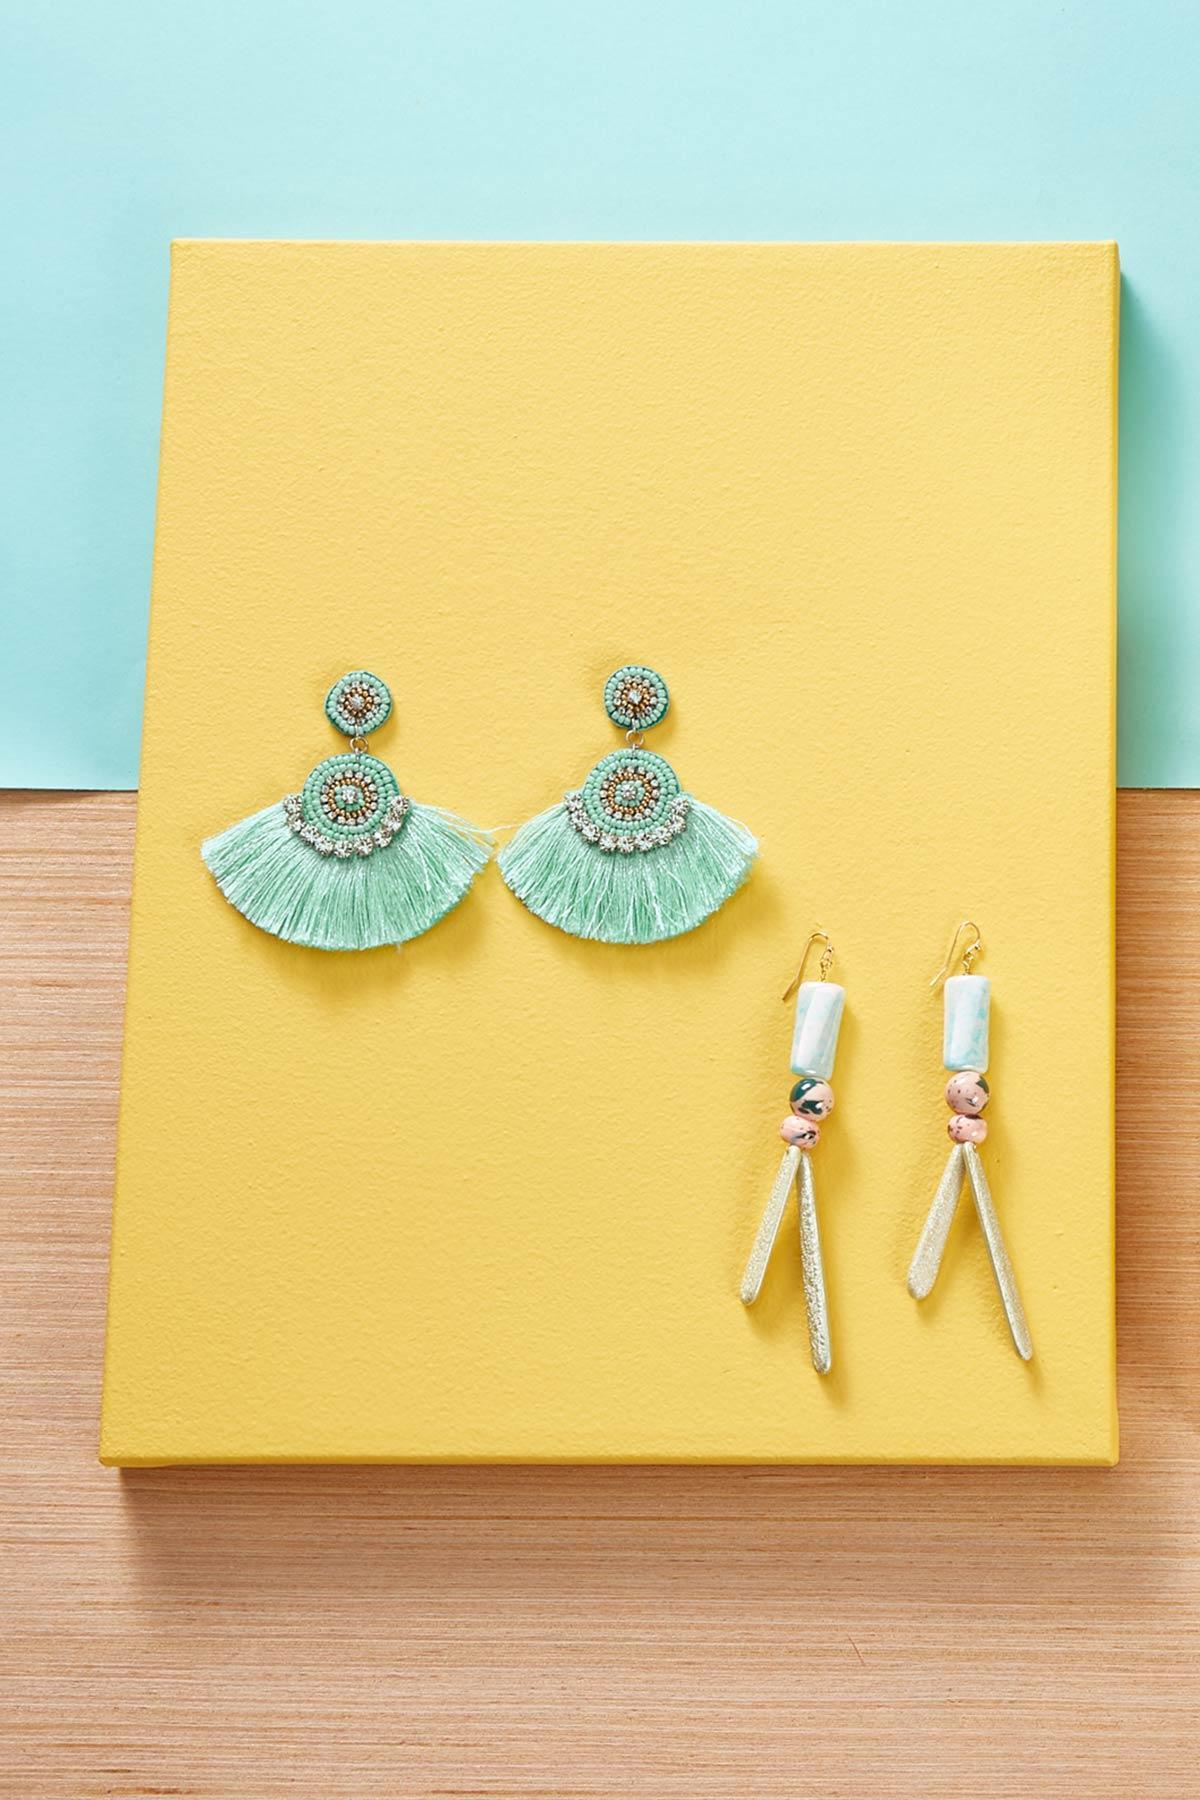 Mixed Ceramic Bead Earrings